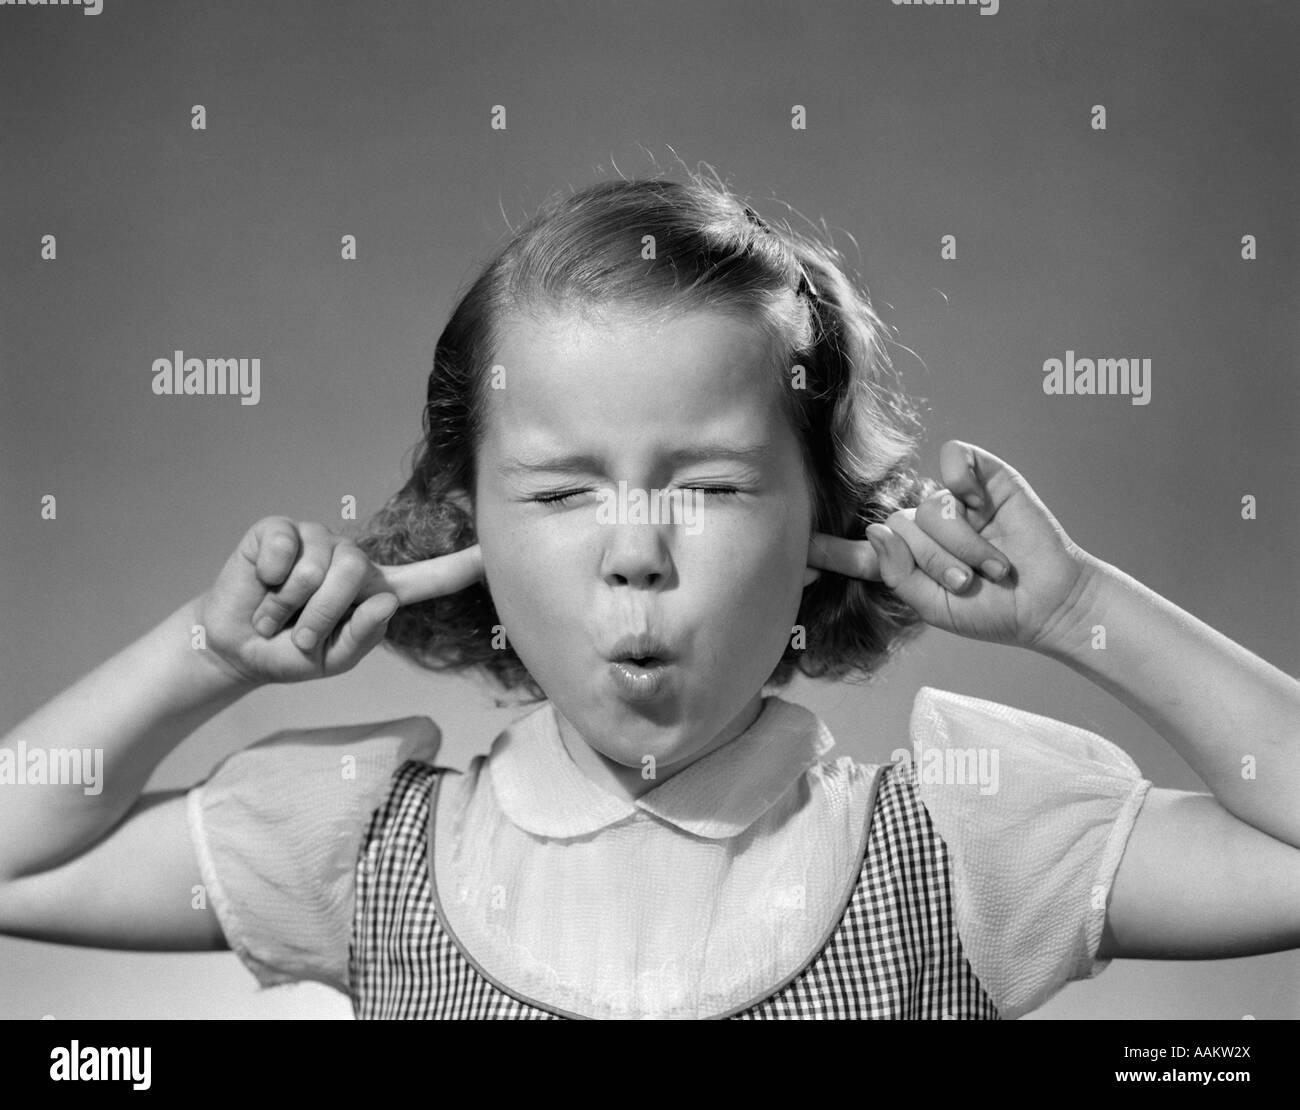 1950 CHICA CON LOS DEDOS EN LOS OÍDOS los ojos cerrados oír ruido Imagen De Stock